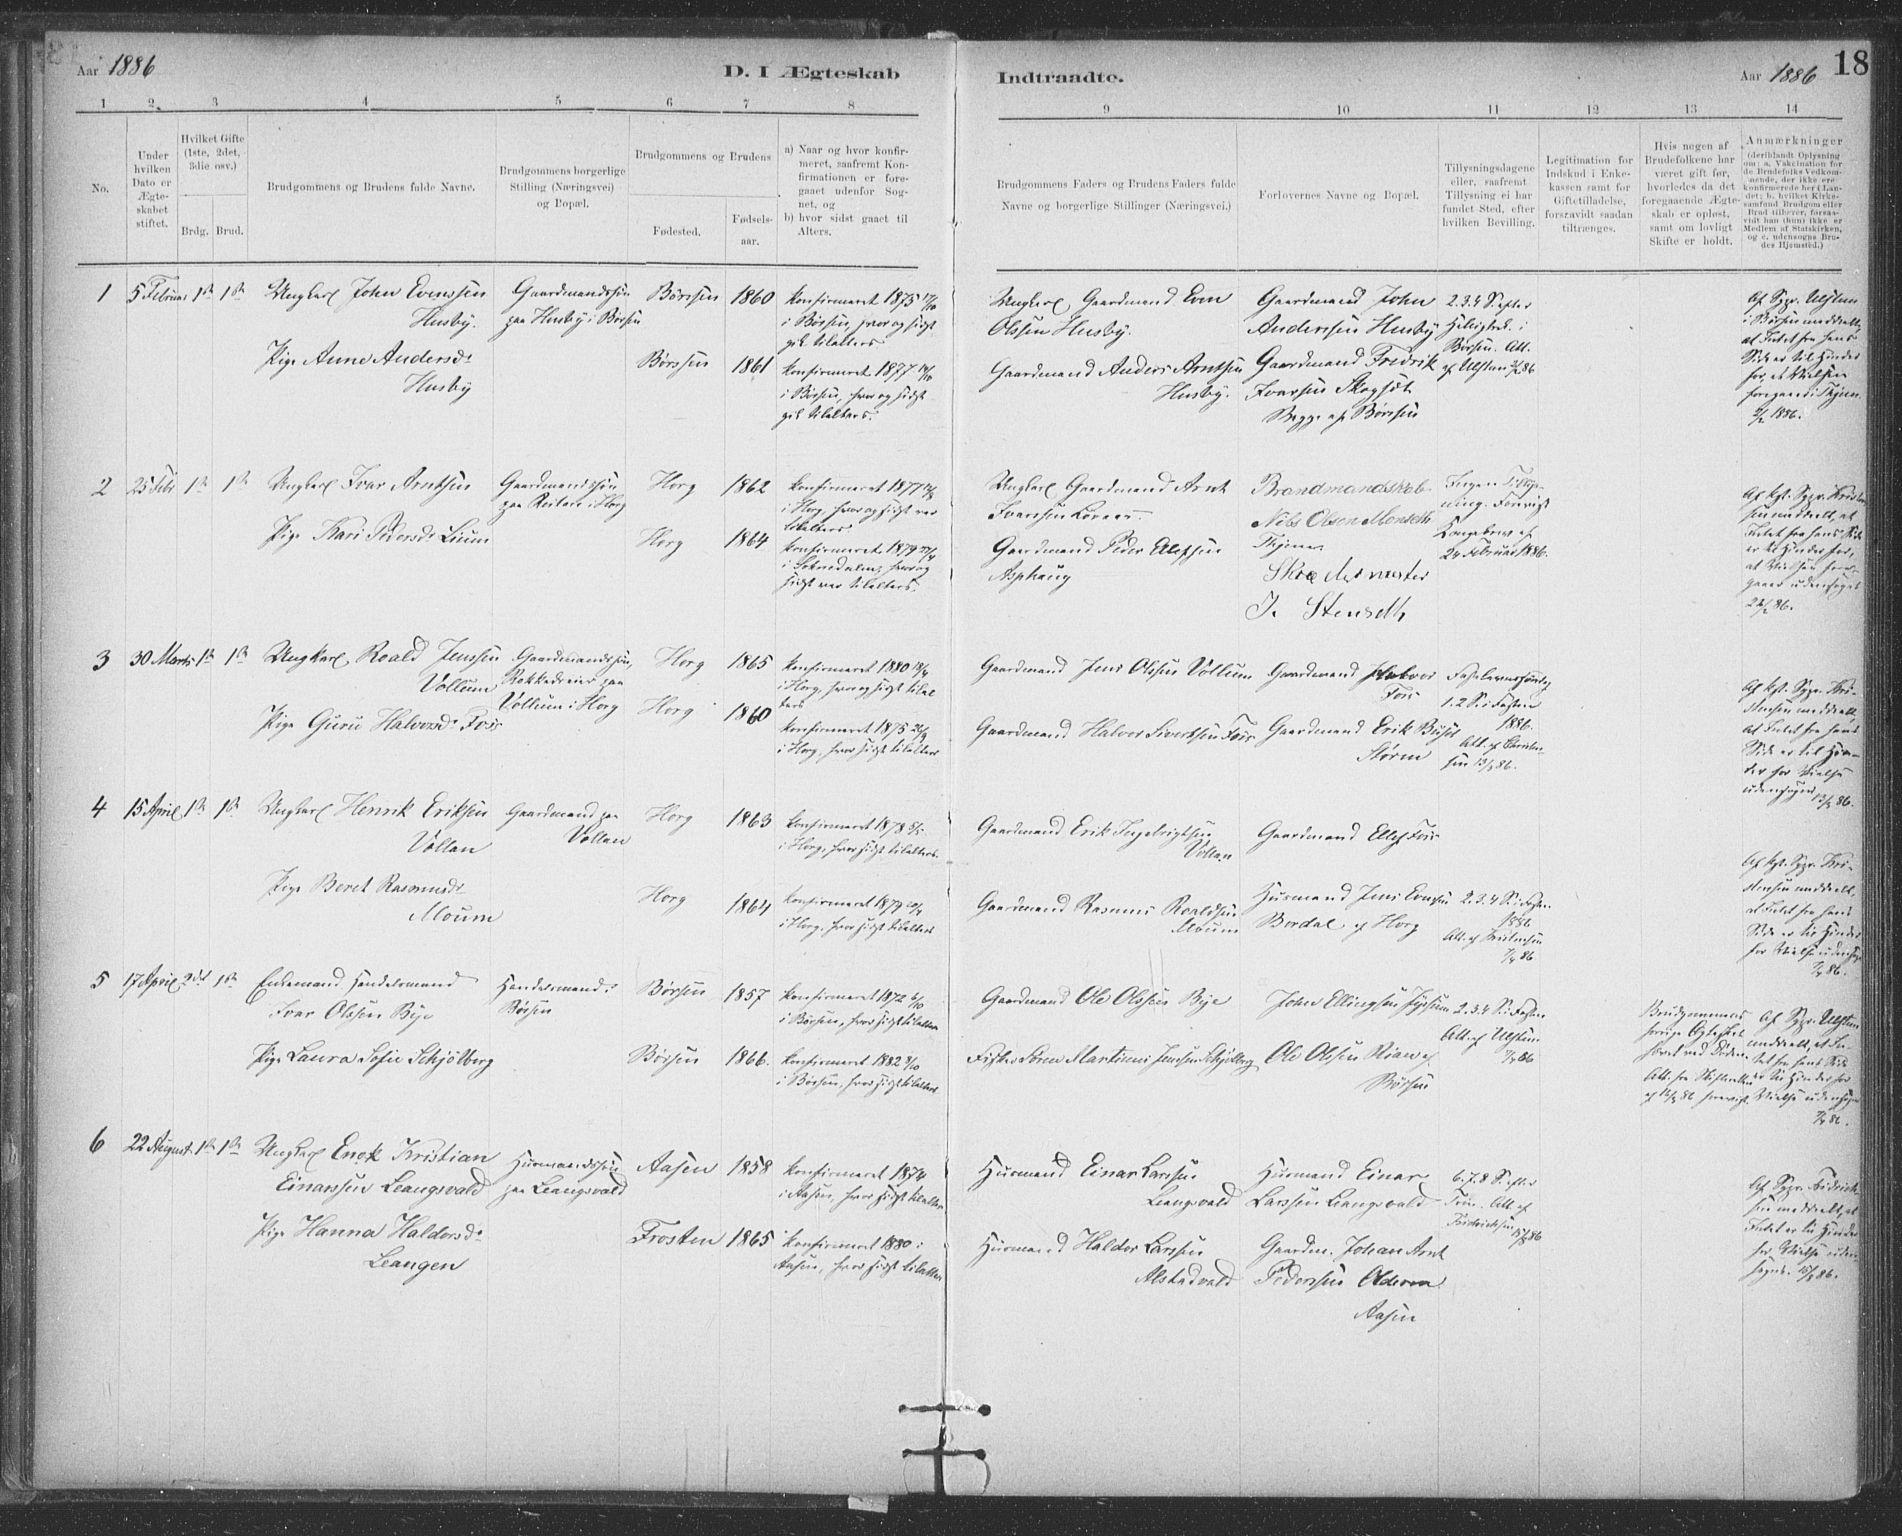 SAT, Ministerialprotokoller, klokkerbøker og fødselsregistre - Sør-Trøndelag, 623/L0470: Ministerialbok nr. 623A04, 1884-1938, s. 18